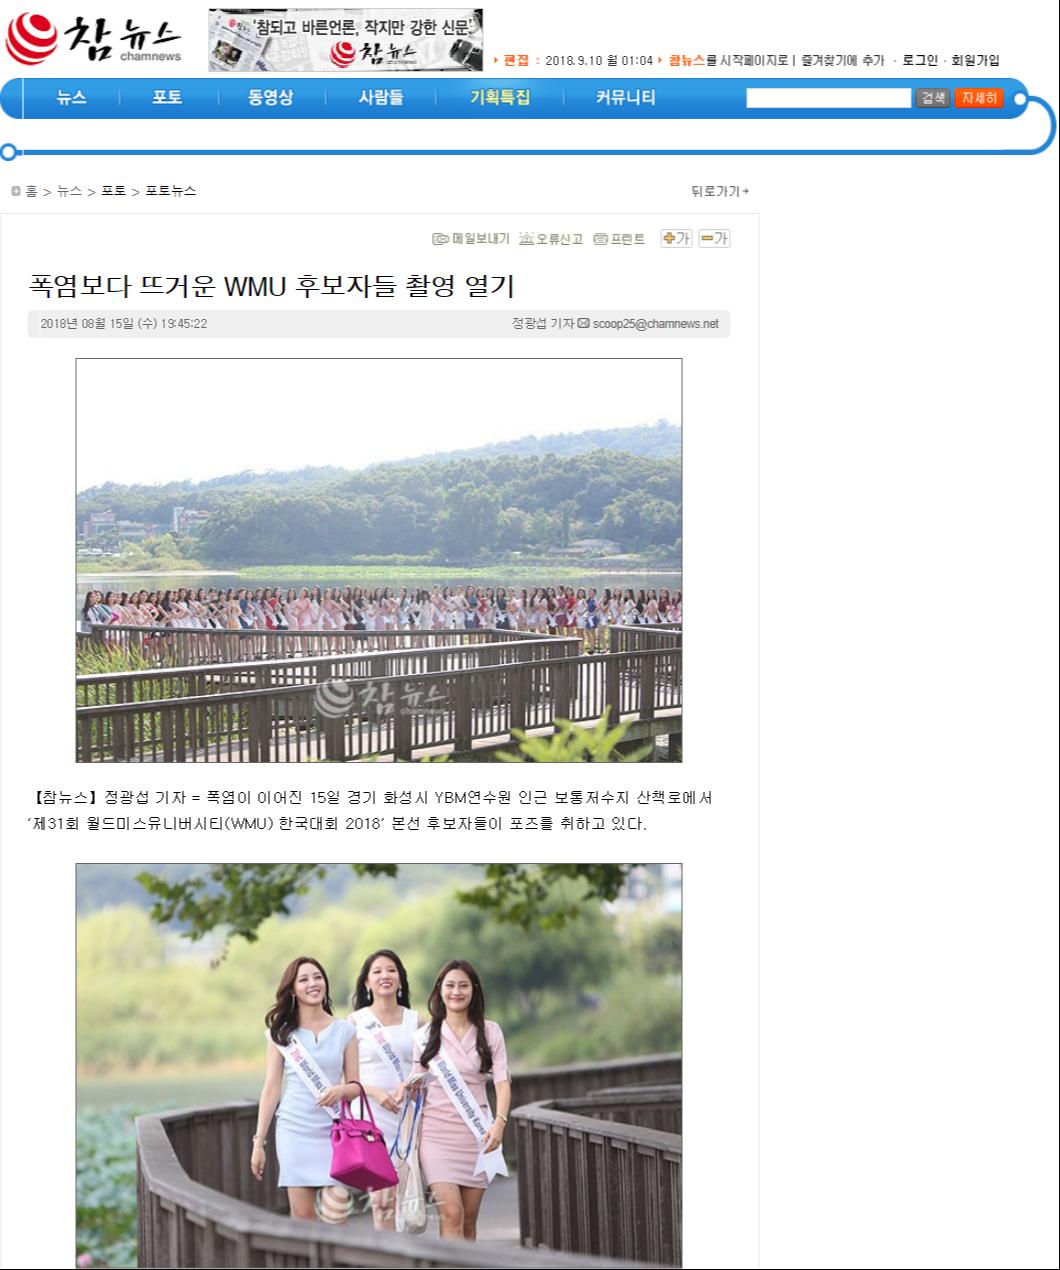 프로필촬영 참뉴스.png